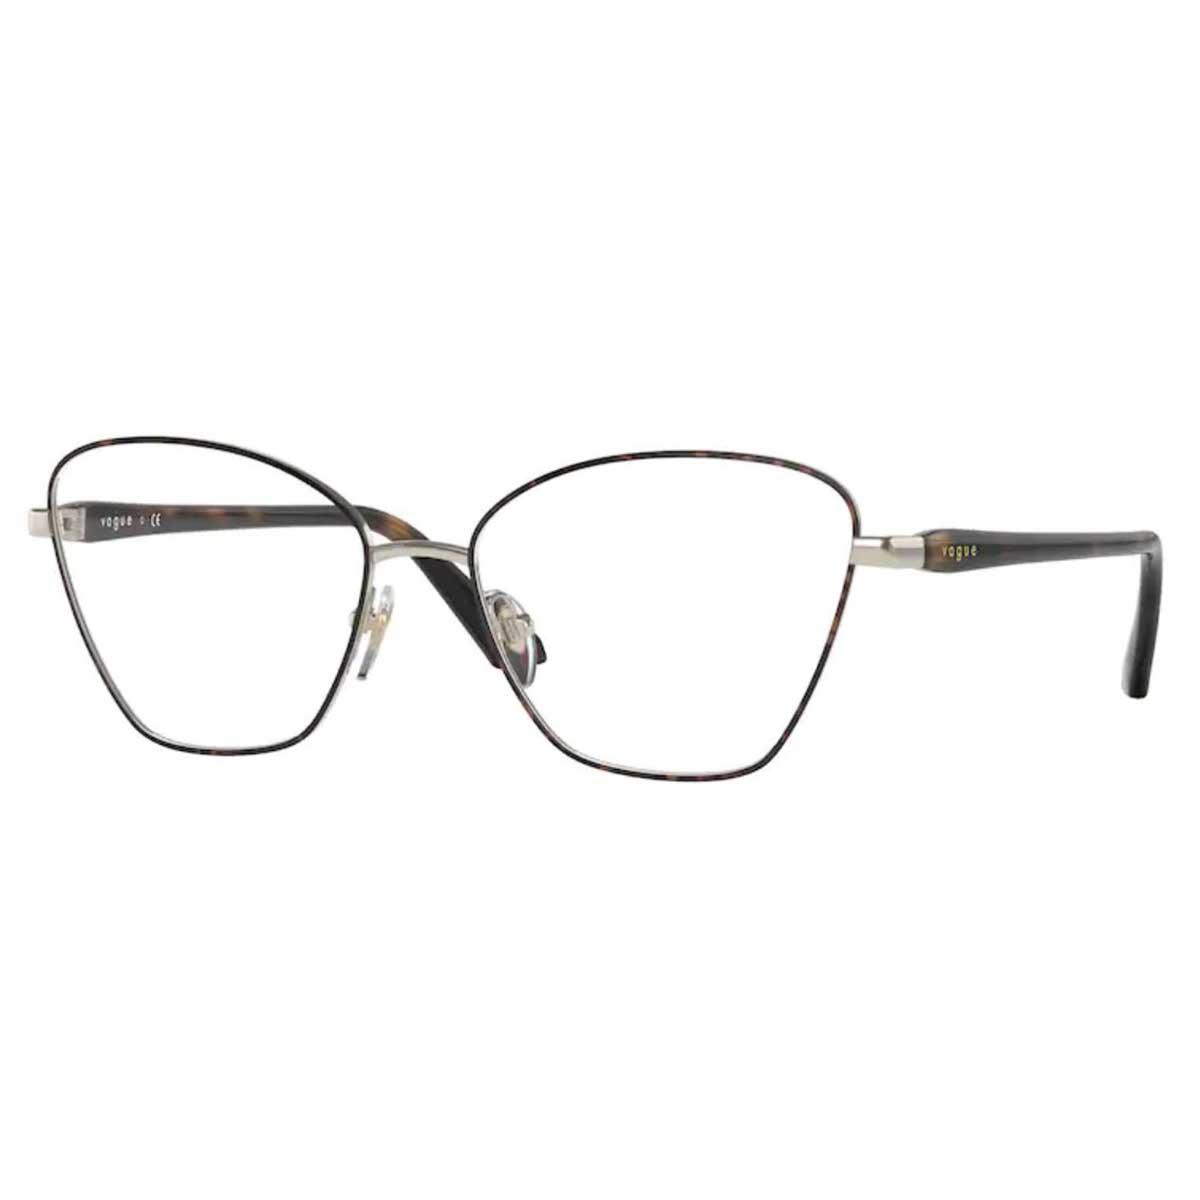 Óculos de Grau Vogue VO4195 Metal Marrom Havana Gatinho